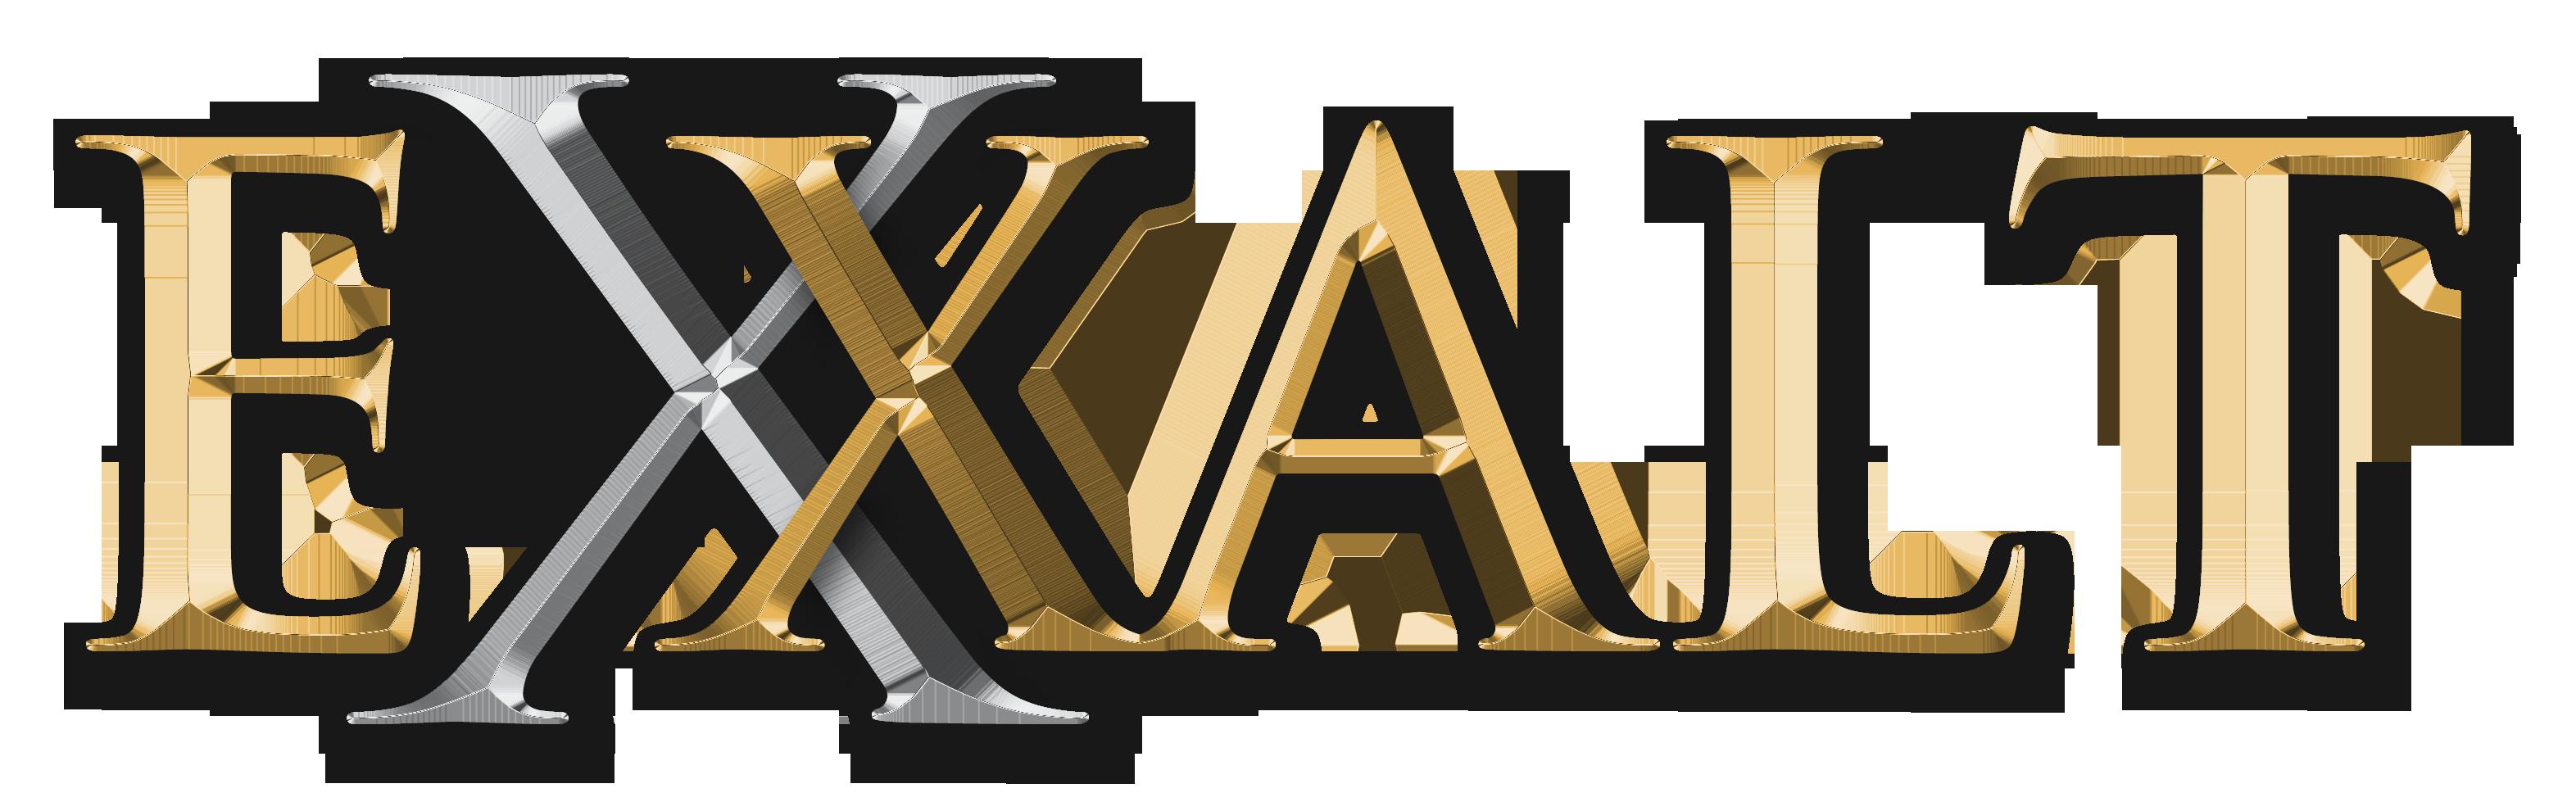 Exxalt logo